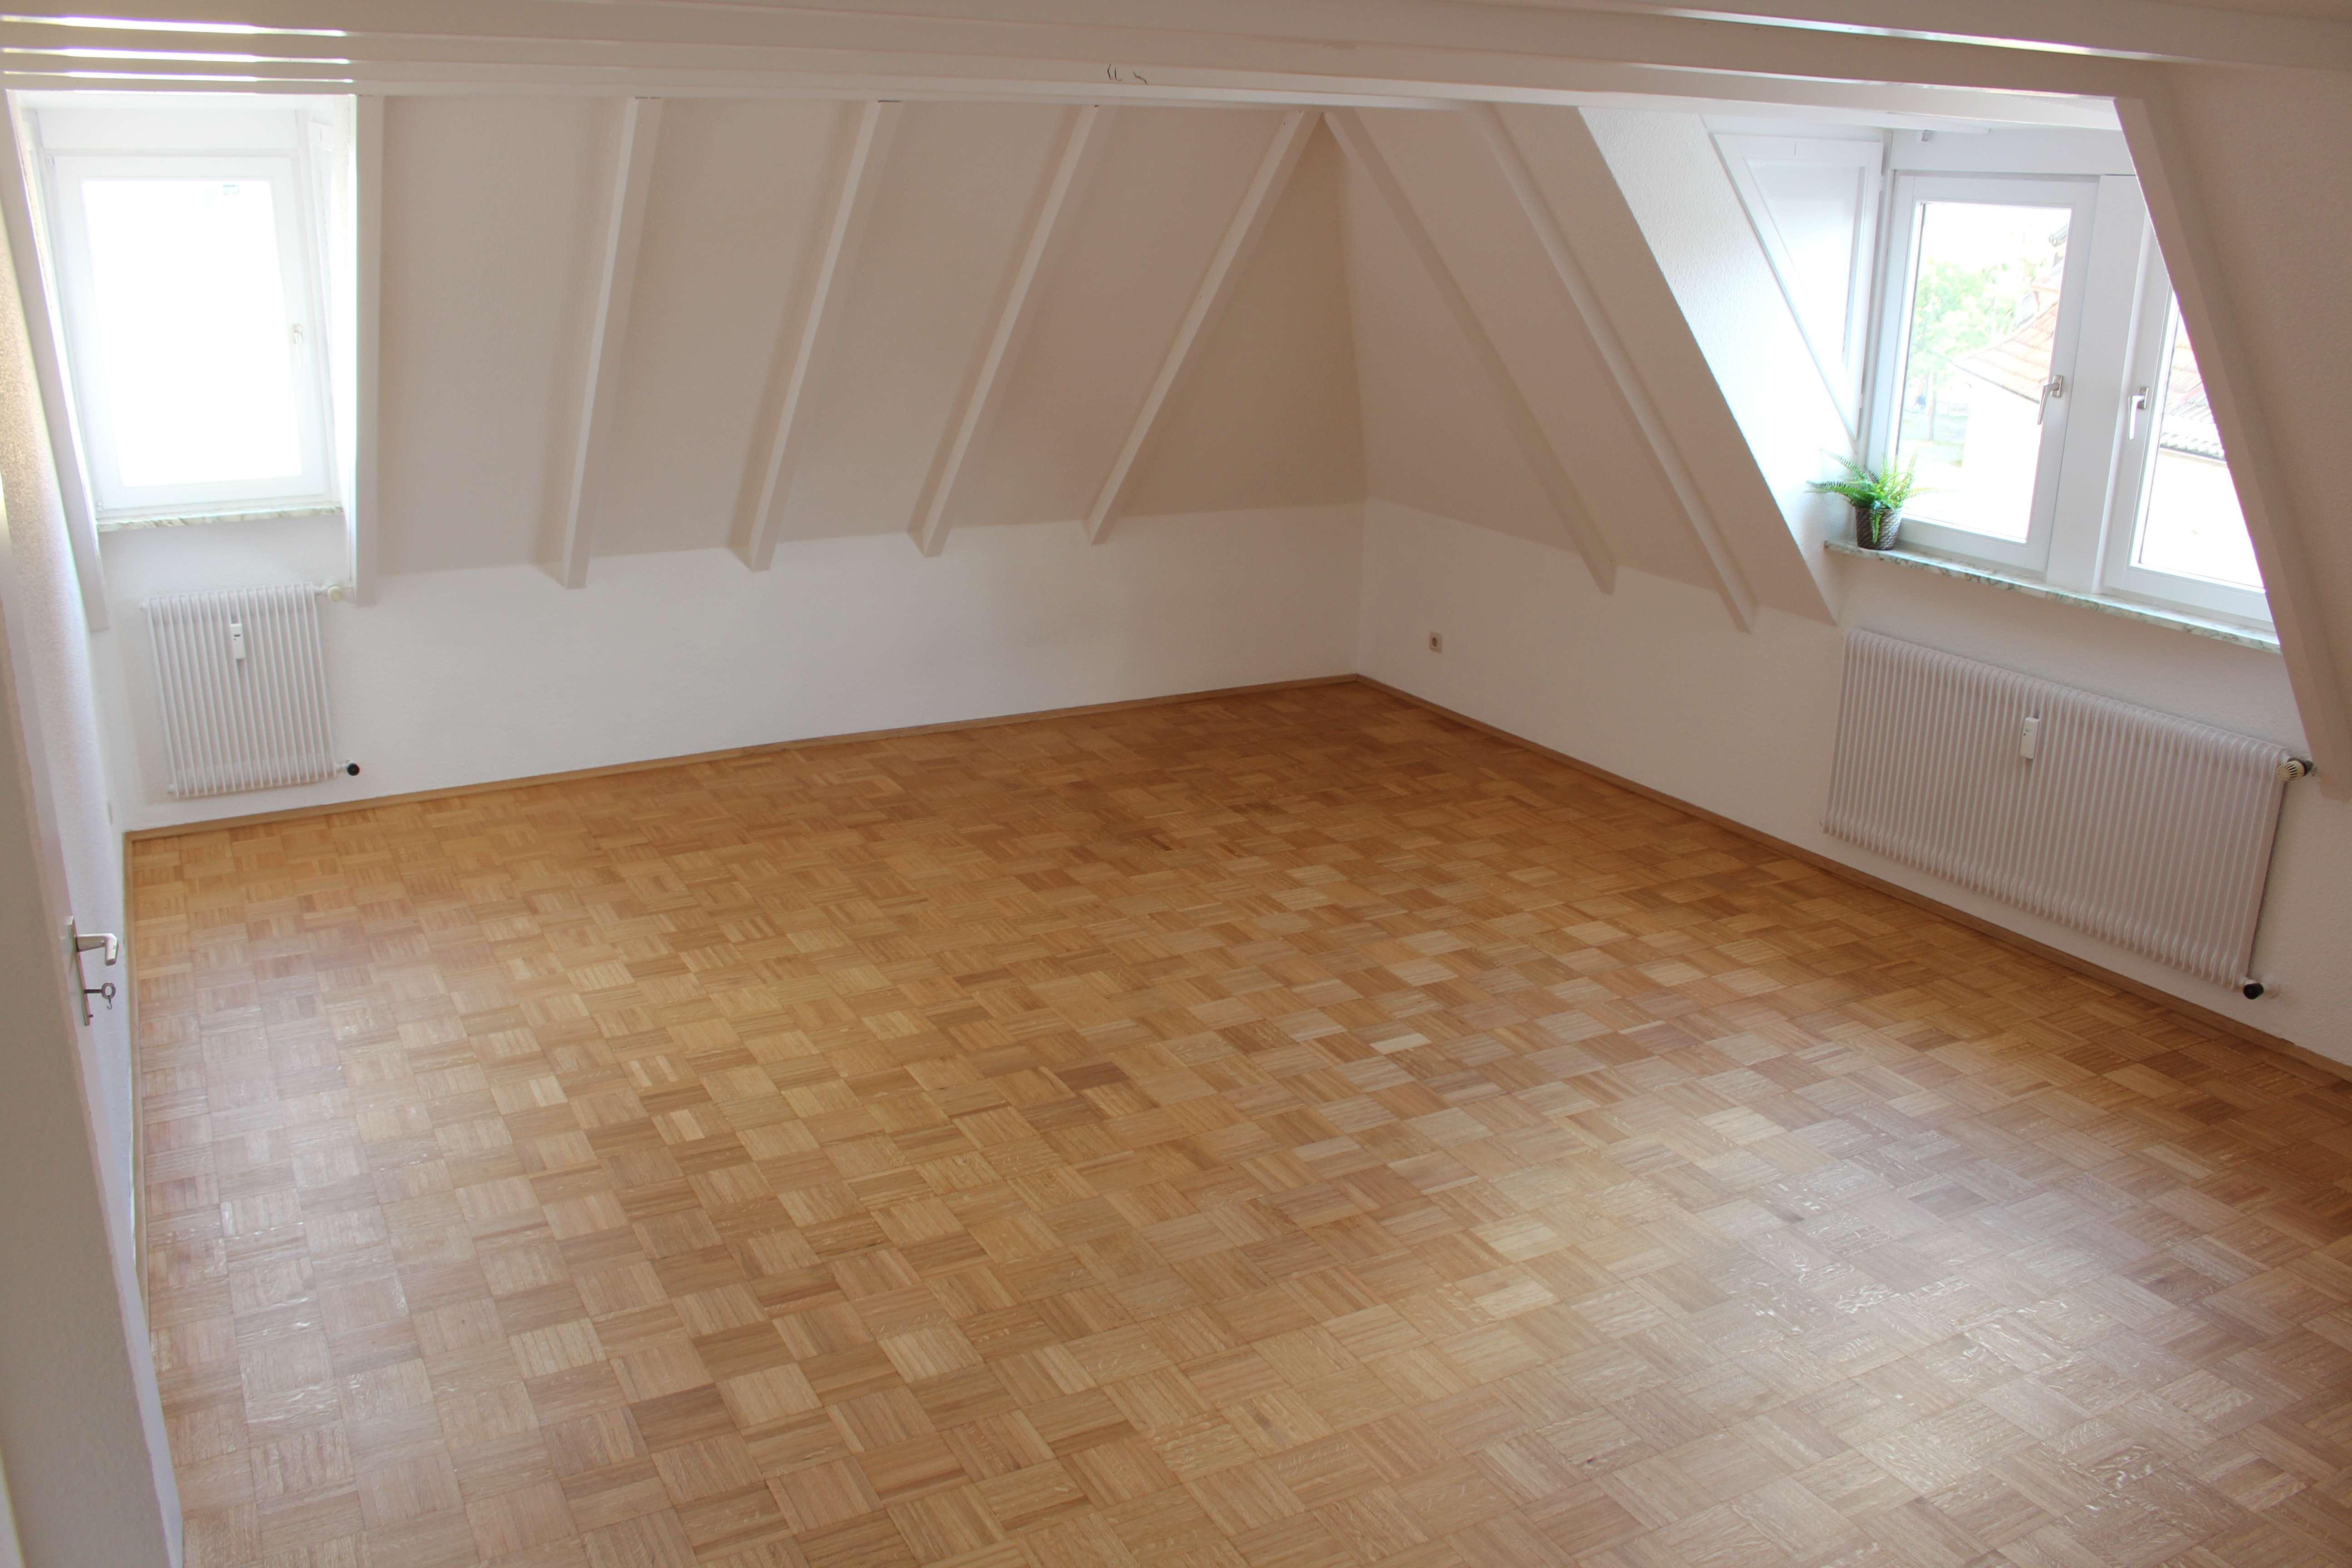 Zentral gelegene 2,5-Zimmer-Dachgeschosswohnung mit großen Bad und Einbauküche in Würzburg in Innere Pleich (Würzburg)